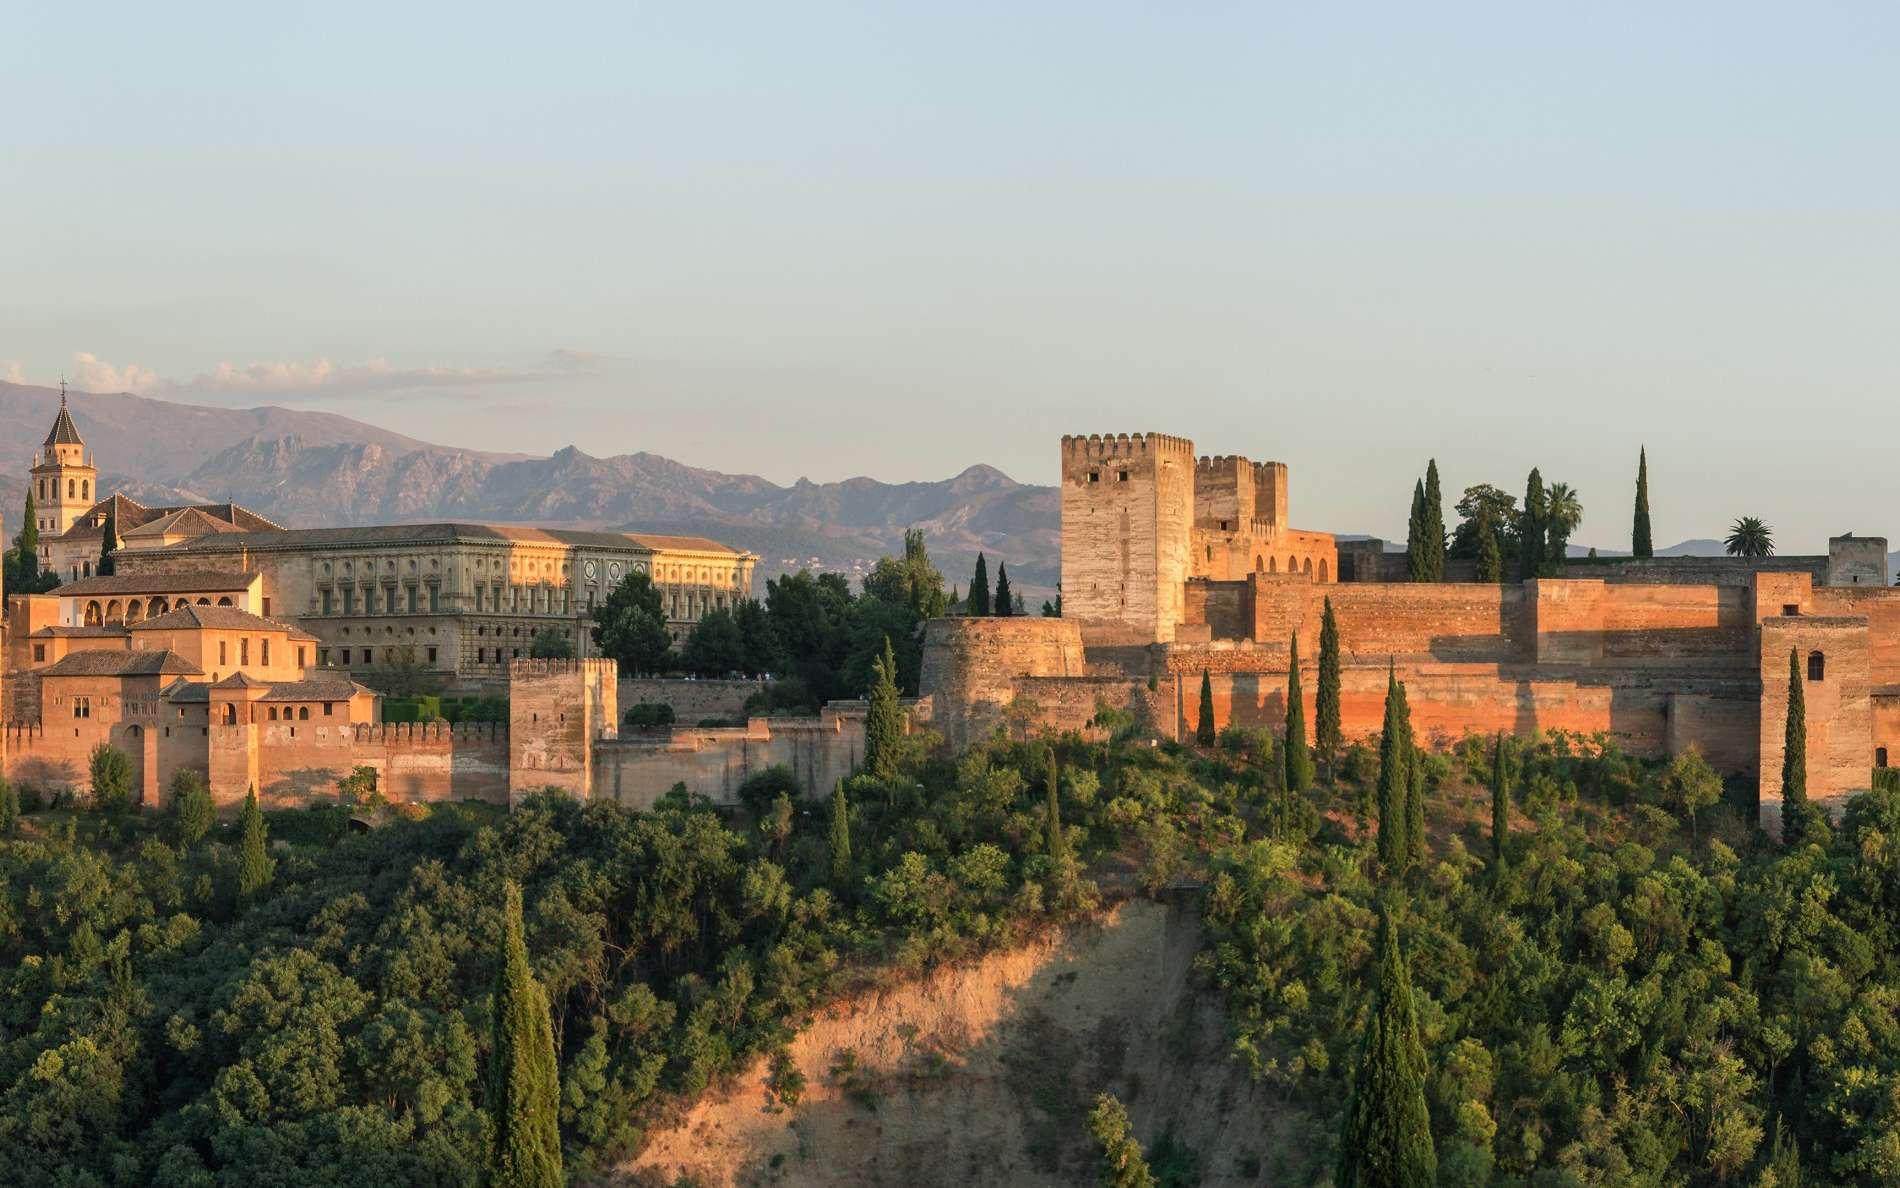 Vue de l'Alhambra de Grenade, depuis le quartier ancien de l'Albaicin ; ensemble palatial du XIIIe siècle (mais fondation plus ancienne), monument majeur de l'architecture arabo-musulmane, classée au patrimoine mondial de l'UNESCO. © Wikimedia Commons, domaine public.